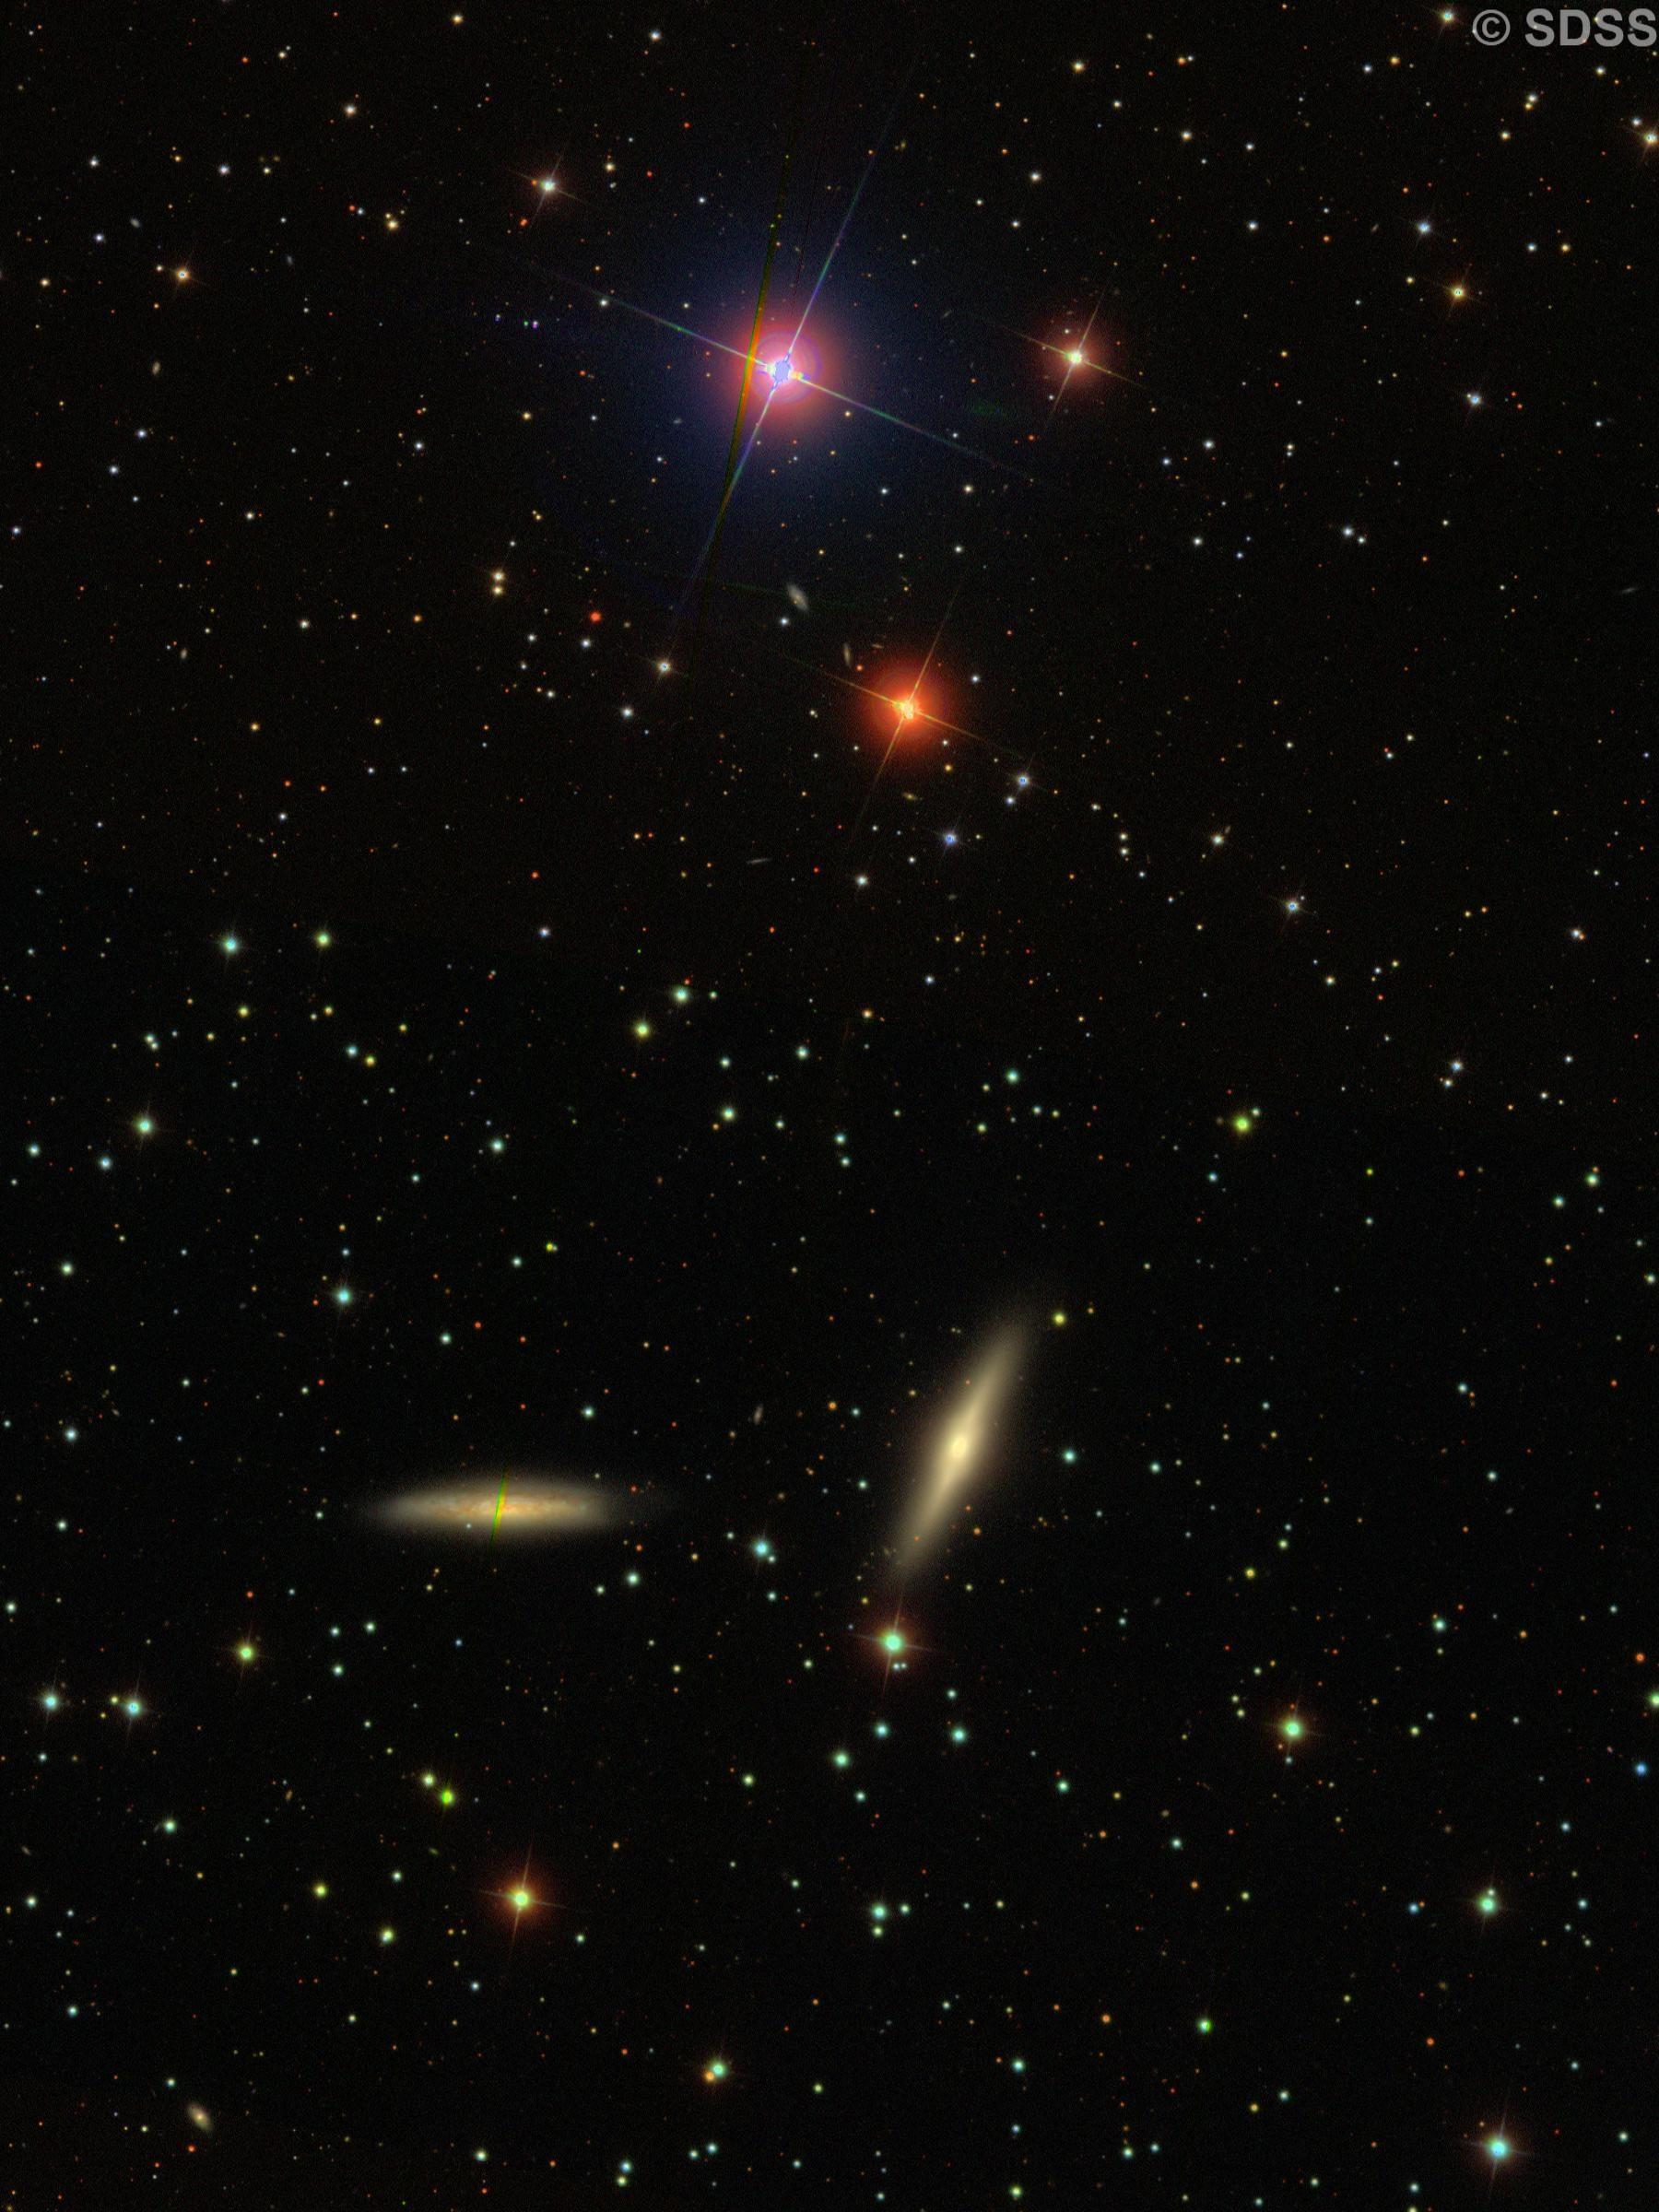 NGC 7332 & NGC 7339